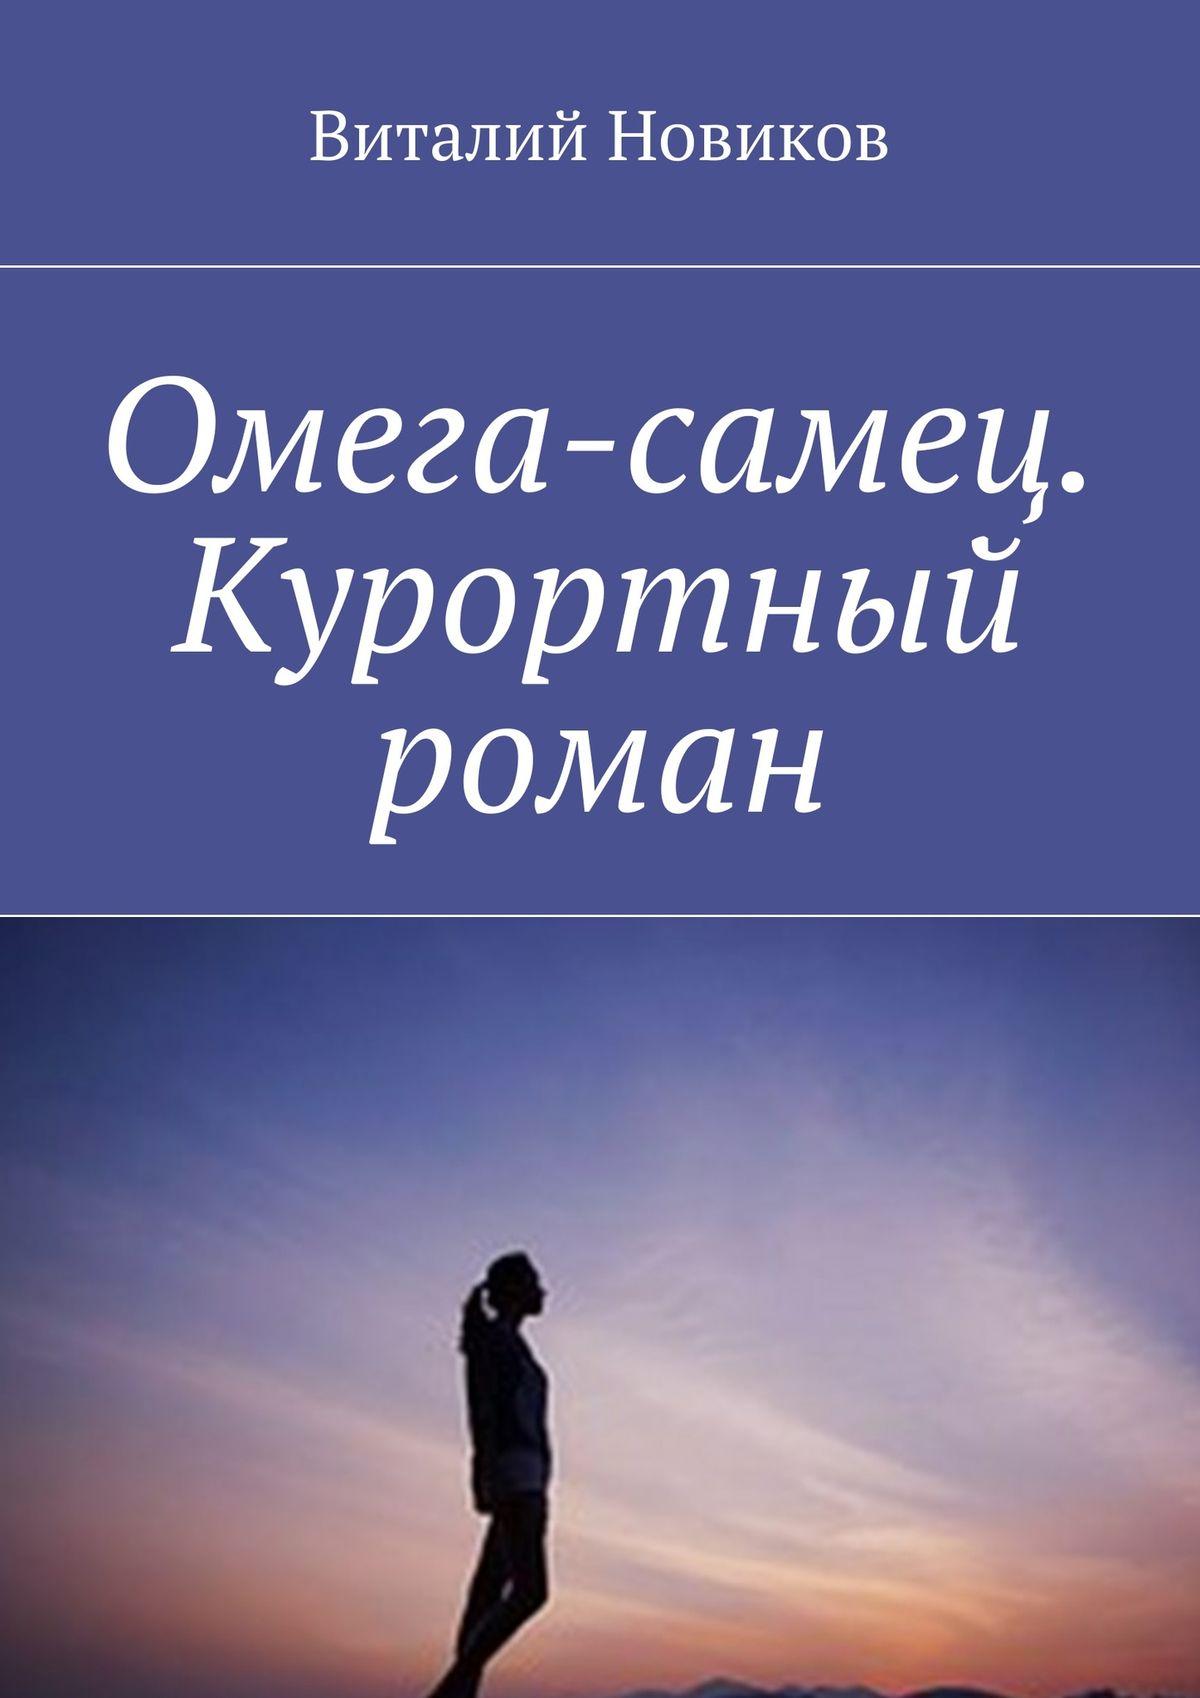 Виталий Новиков Омега-самец. Курортный роман виталий новиков графоман роман isbn 9785447489861